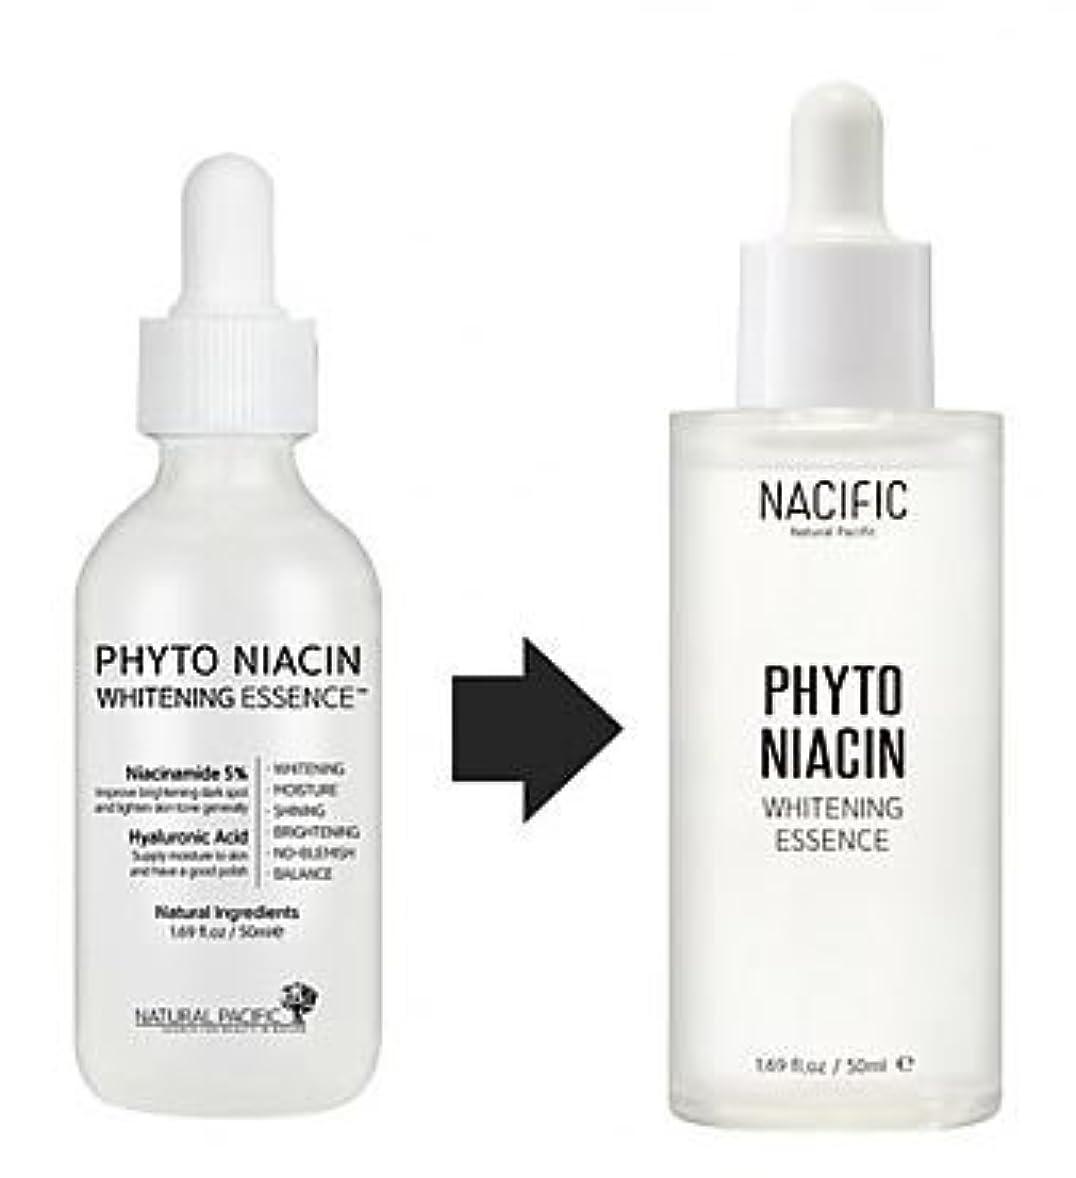 防水居心地の良い見物人[NACIFIC]Phyto Niacin Whitening Essence 50ml/ナチュラルパシフィック フィト ナイアシン ホワイトニング エッセンス 50ml [並行輸入品]